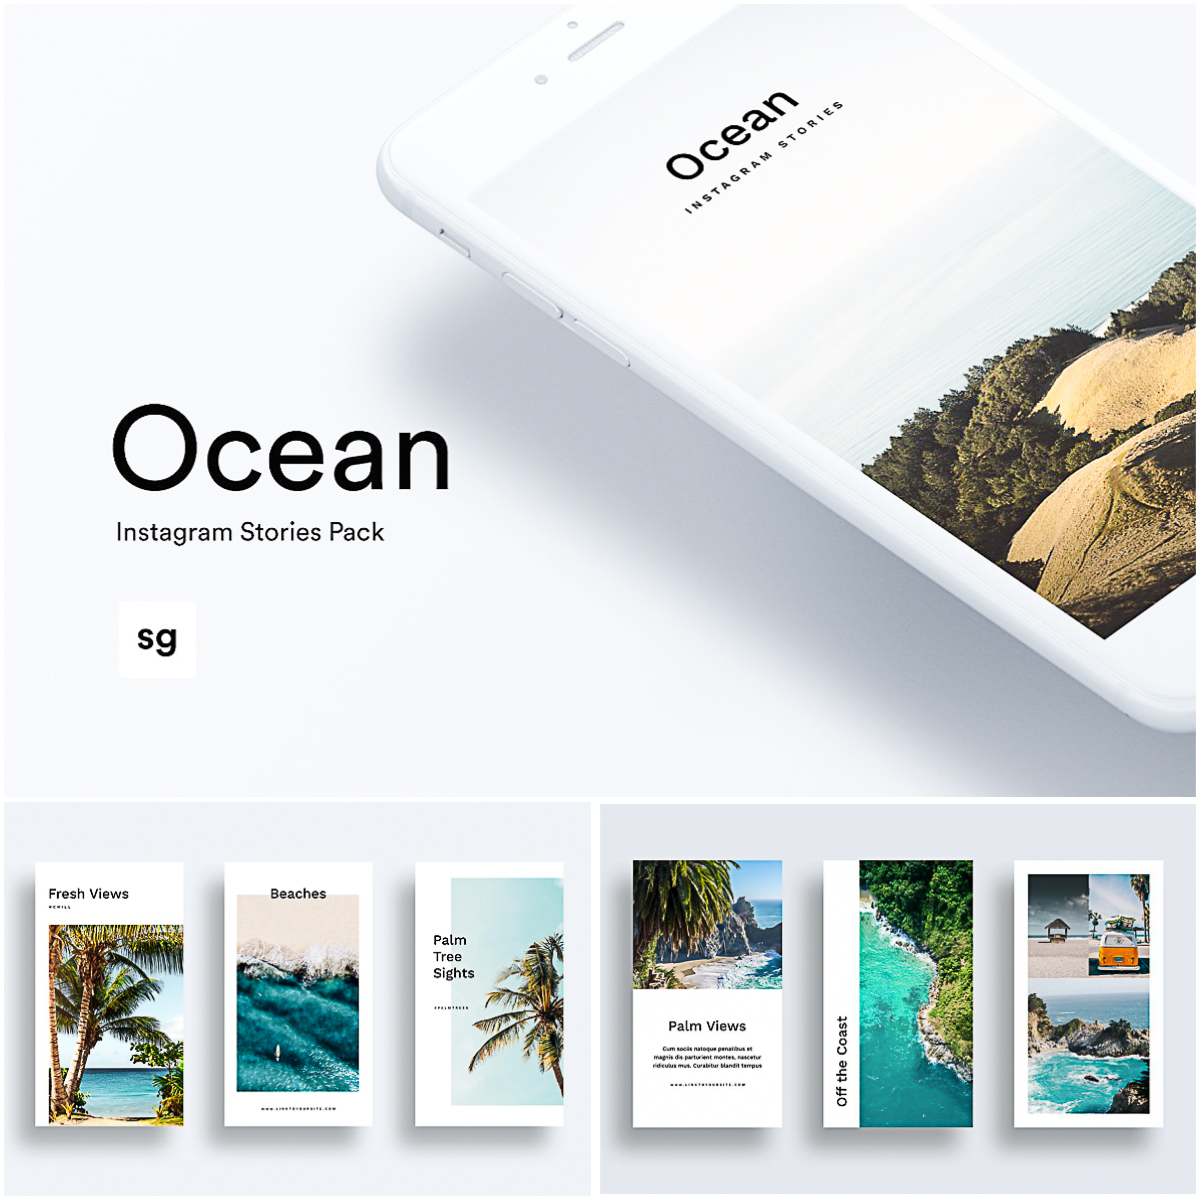 Ocean Instagram Stories Pack | Free download